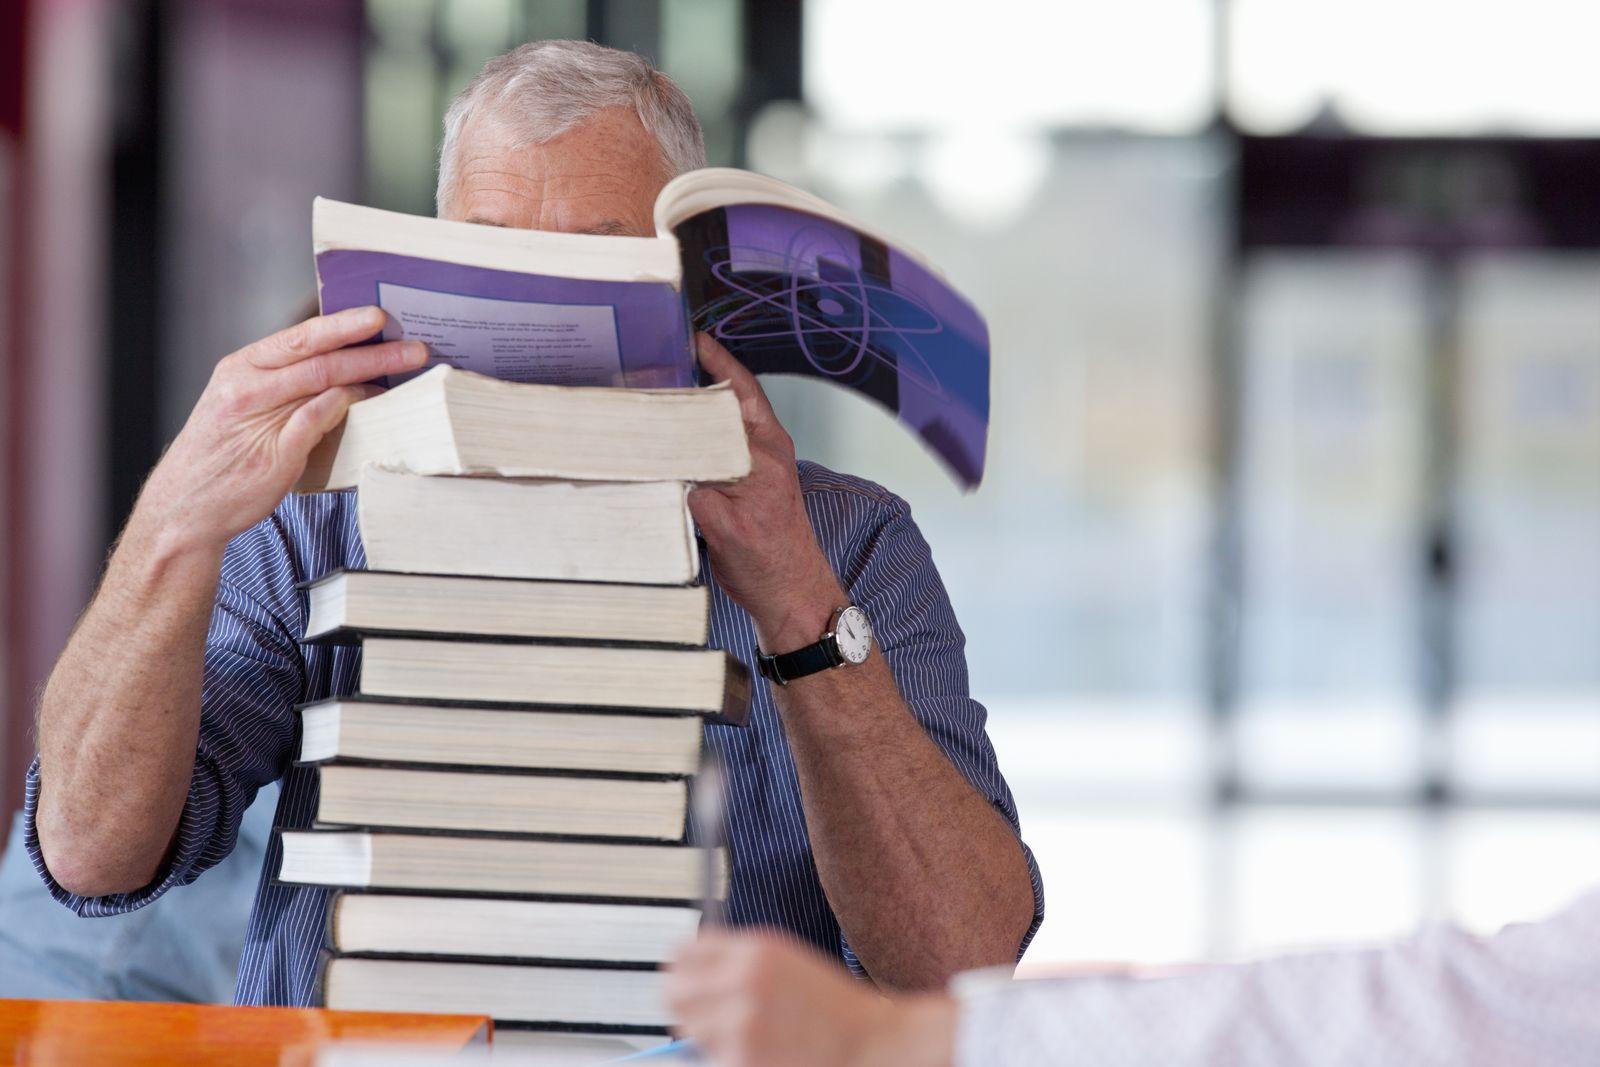 NICHT MEHR VERWENDEN! - Mann hinter Bücherstapel / Bücher / Lesen